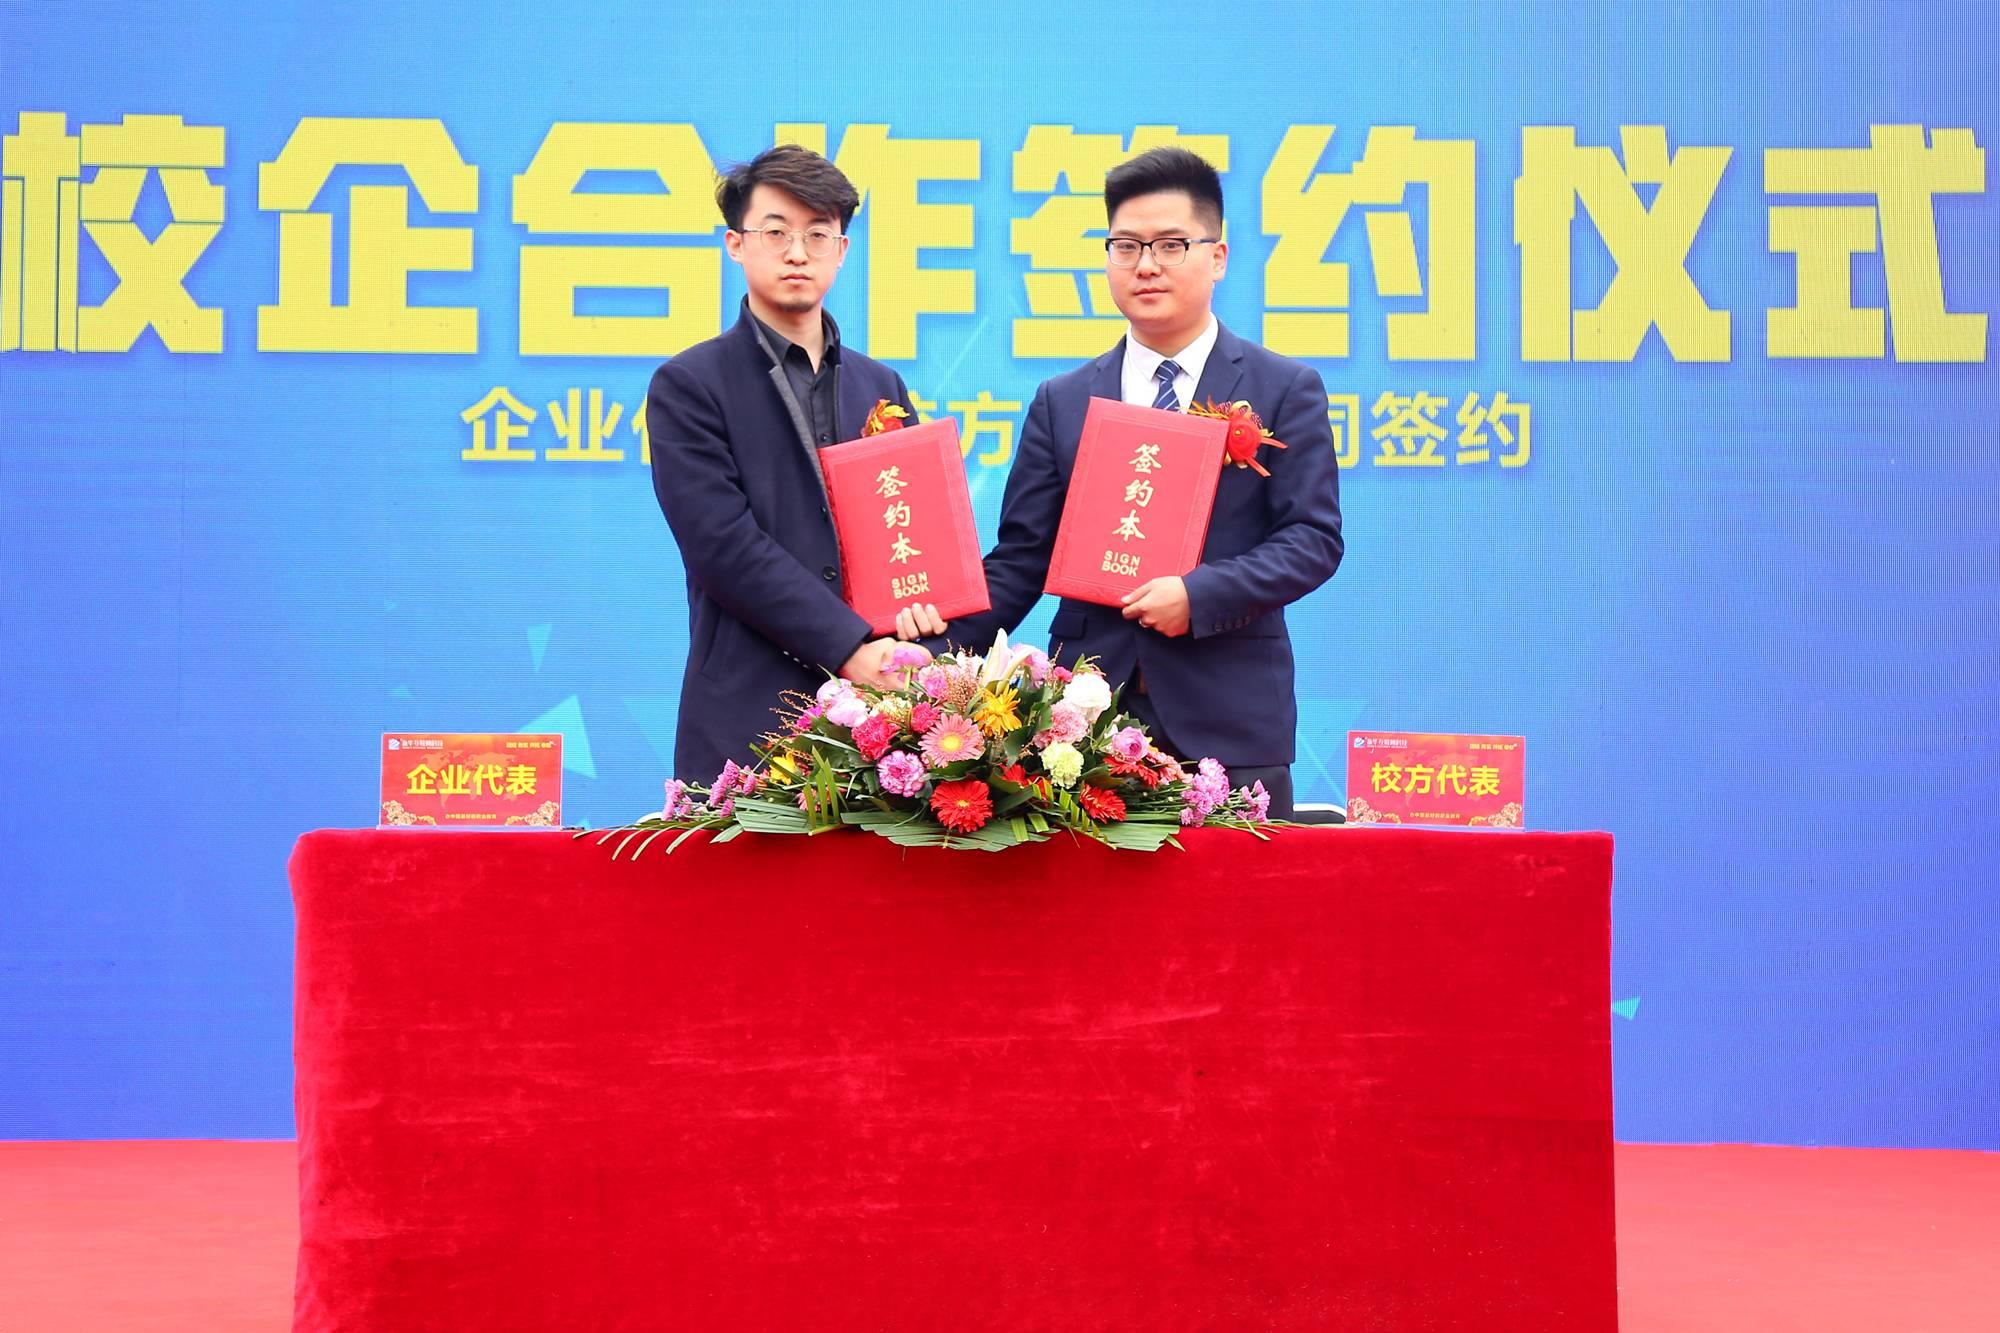 企业说:新华的品牌值得信赖,新华的学生更值得信赖